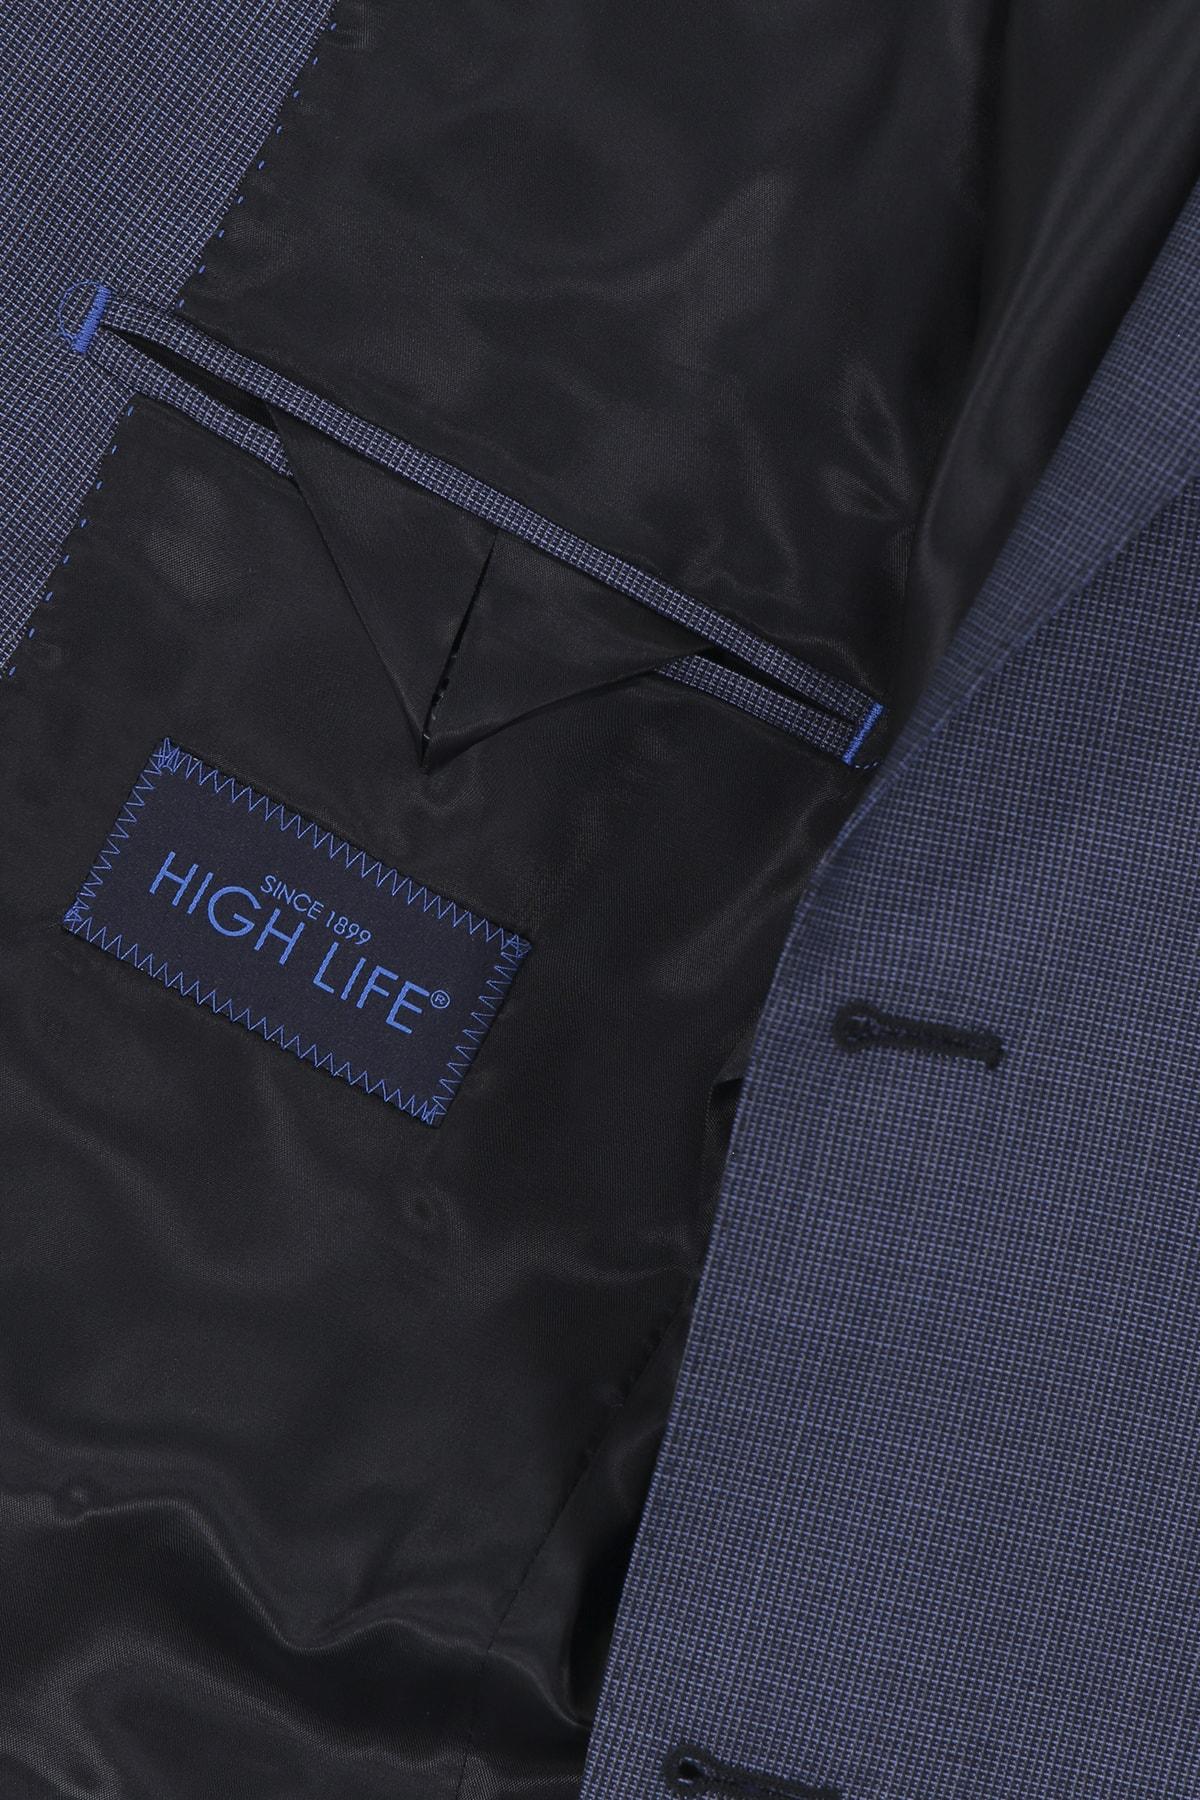 Traje High Life corte Slim Azul 100% lana